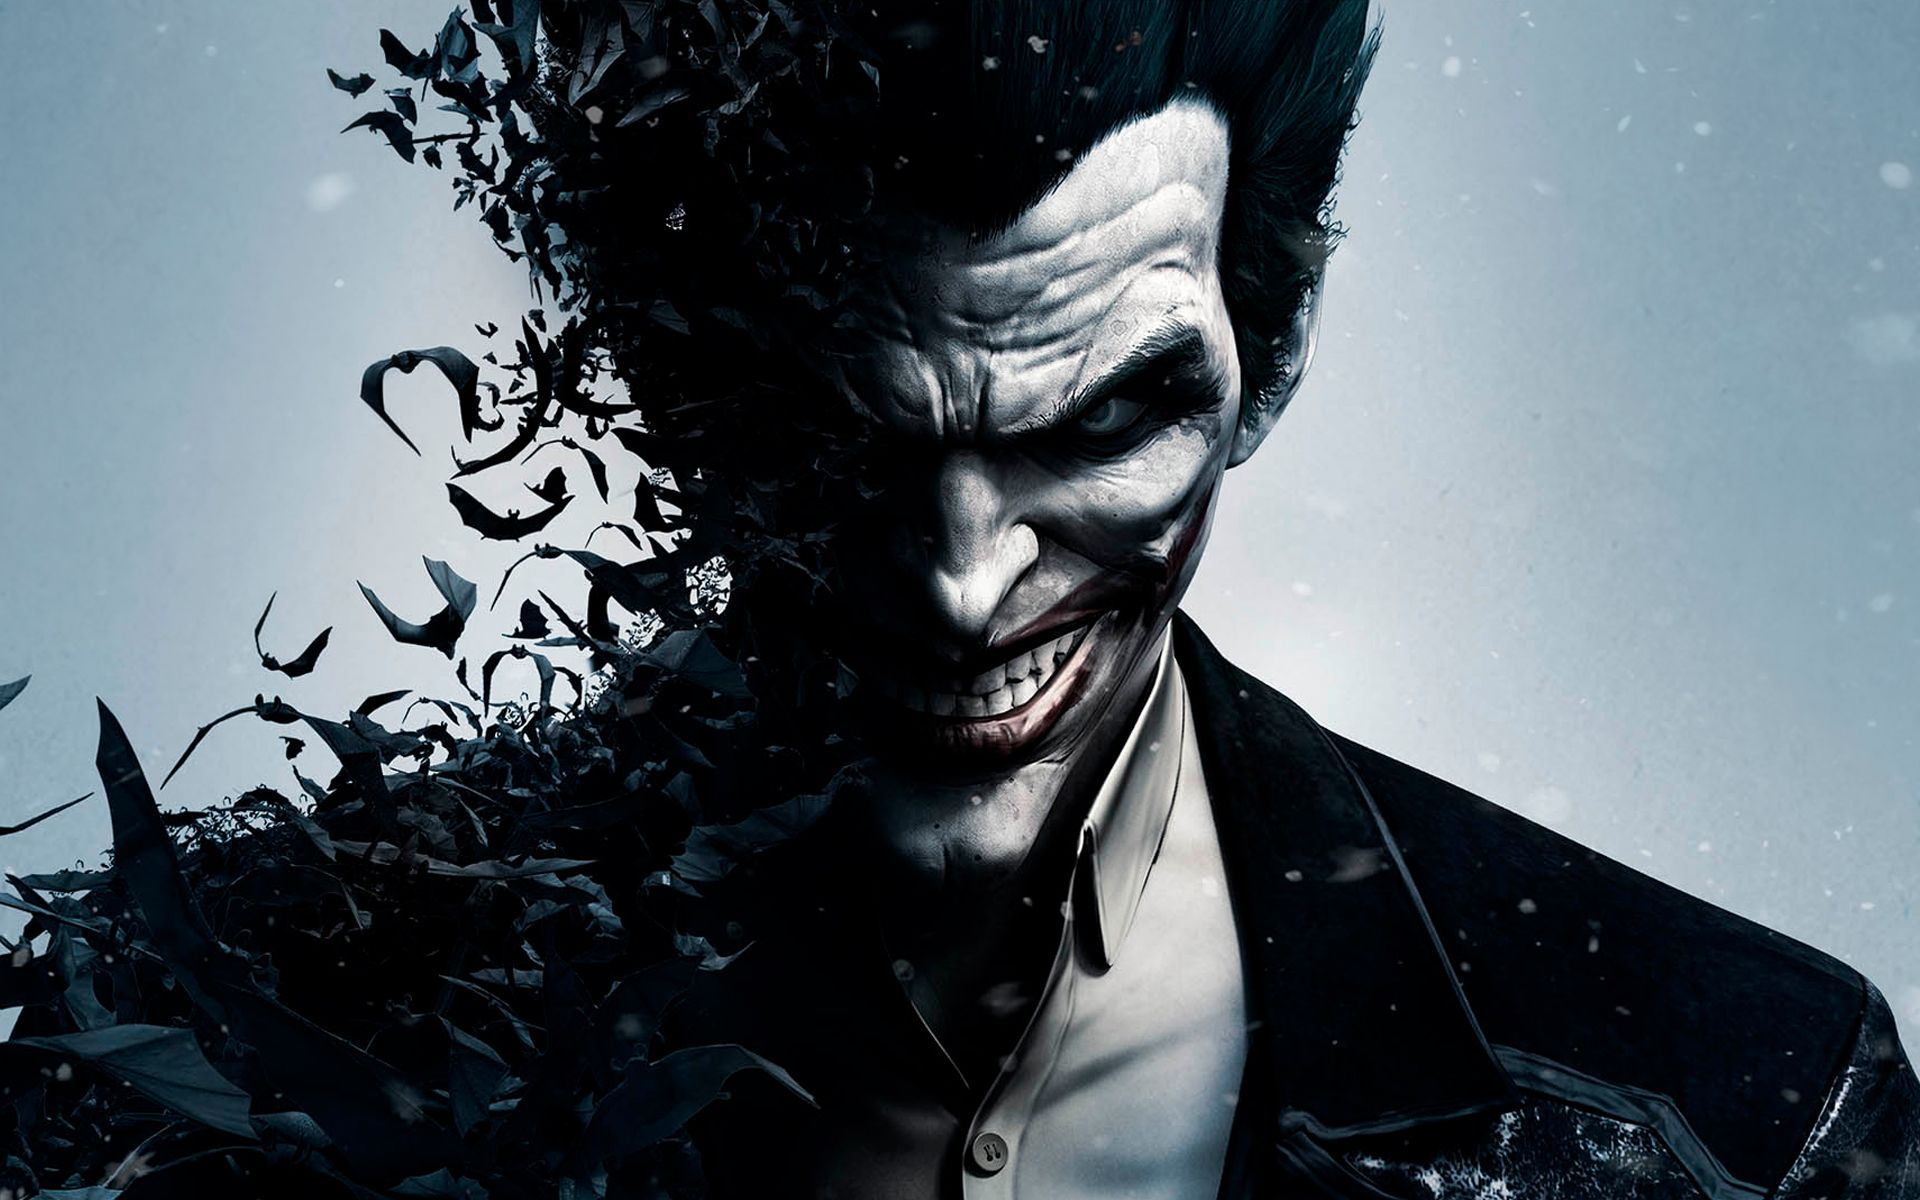 Amazing Joker Hd Wallpapers 1080p For Desktop Wallpapers With Joker Hd Wallpapers 1080p Download Hd W Joker Wallpapers Batman Wallpaper Batman Arkham Origins